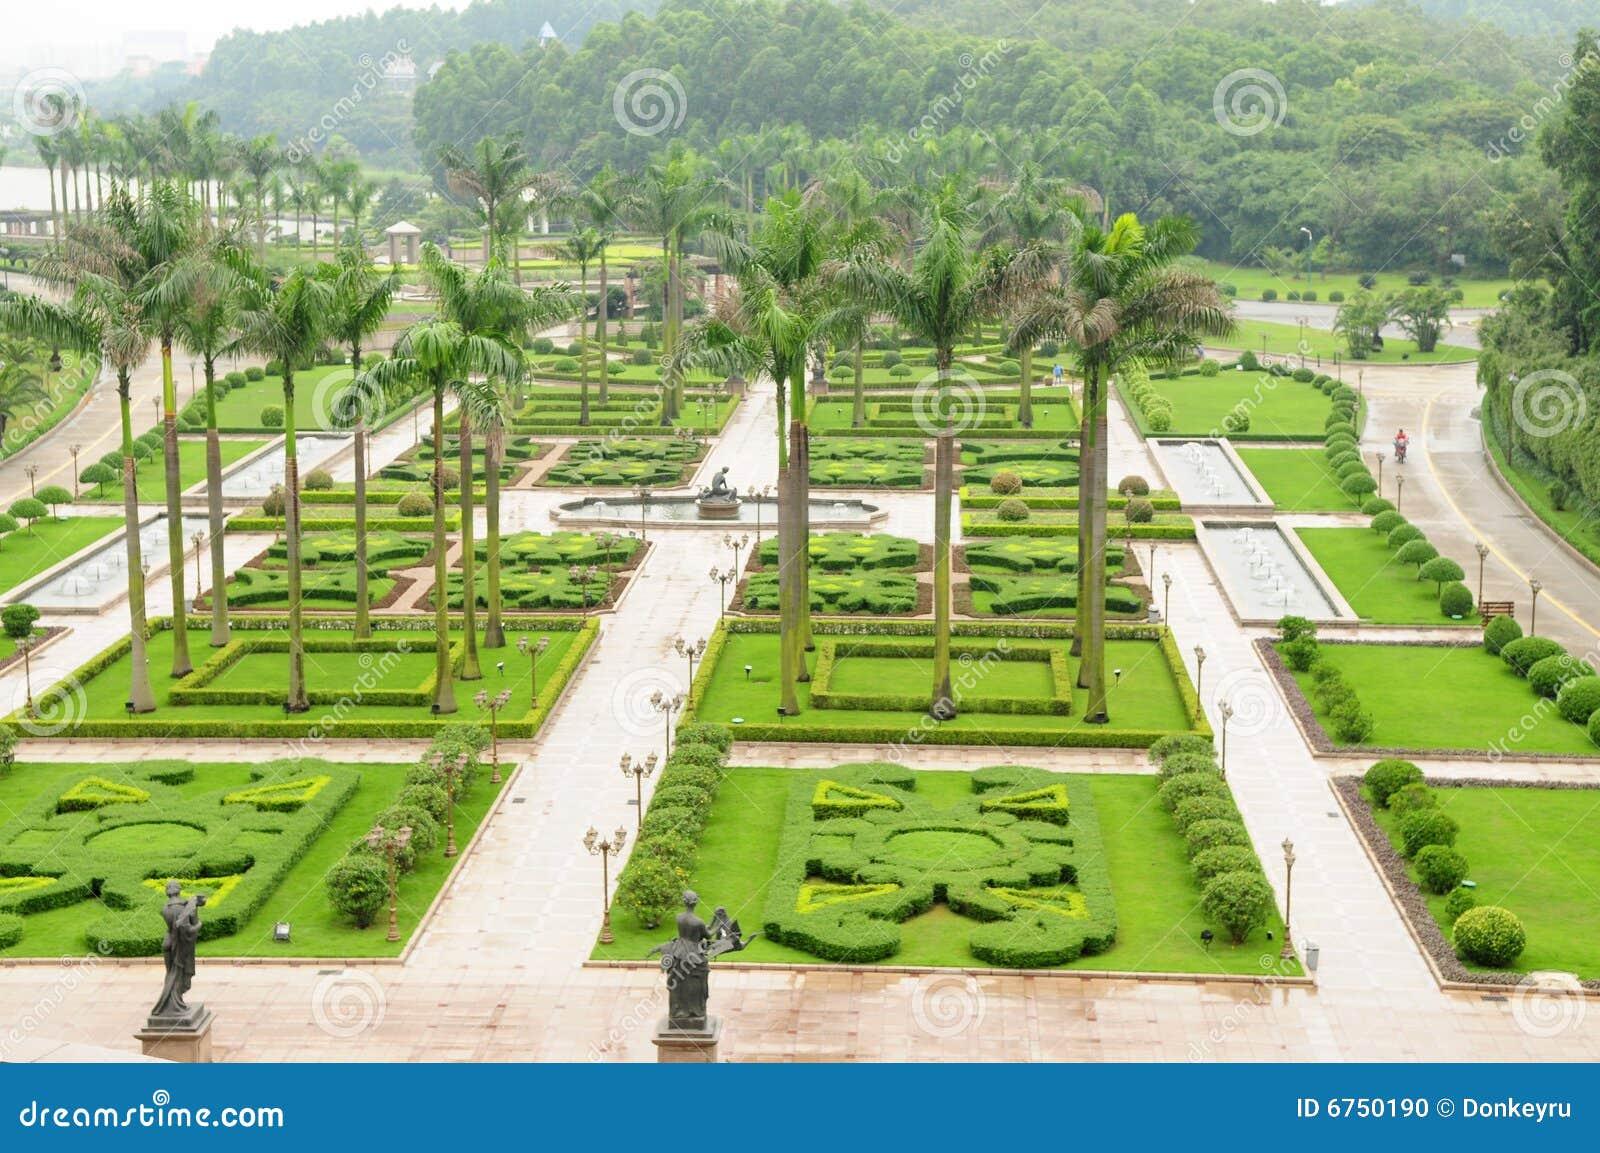 fotos jardim quadrado:Foto de Stock: O jardim quadrado moderno